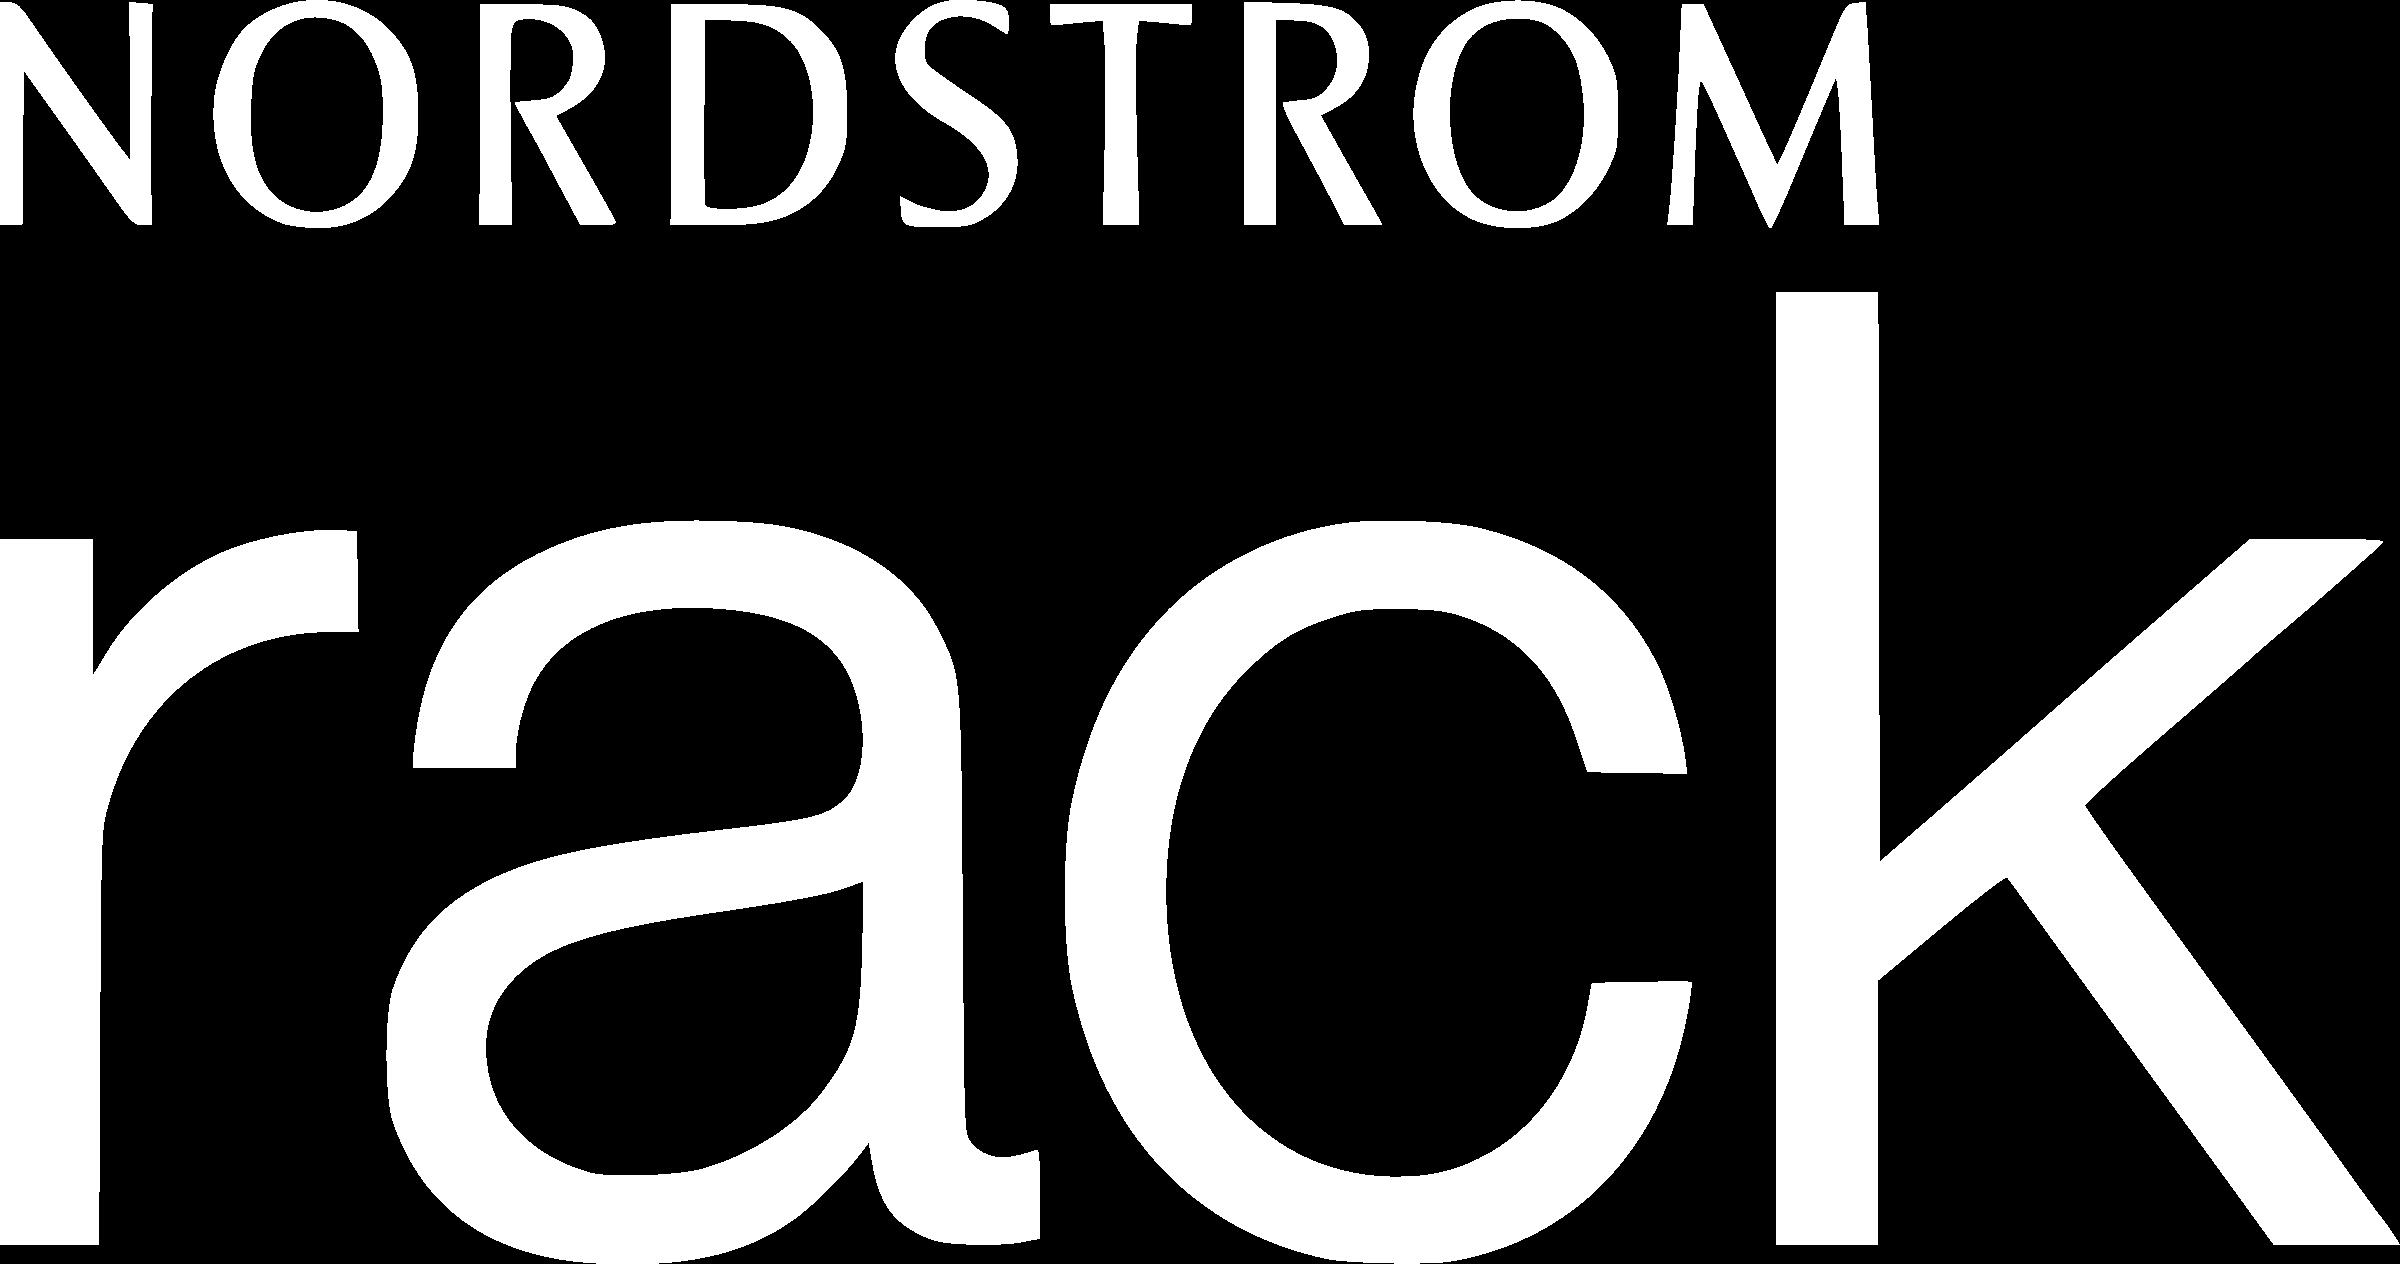 Nordstrom Rack Logo PNG Transparent & SVG Vector.